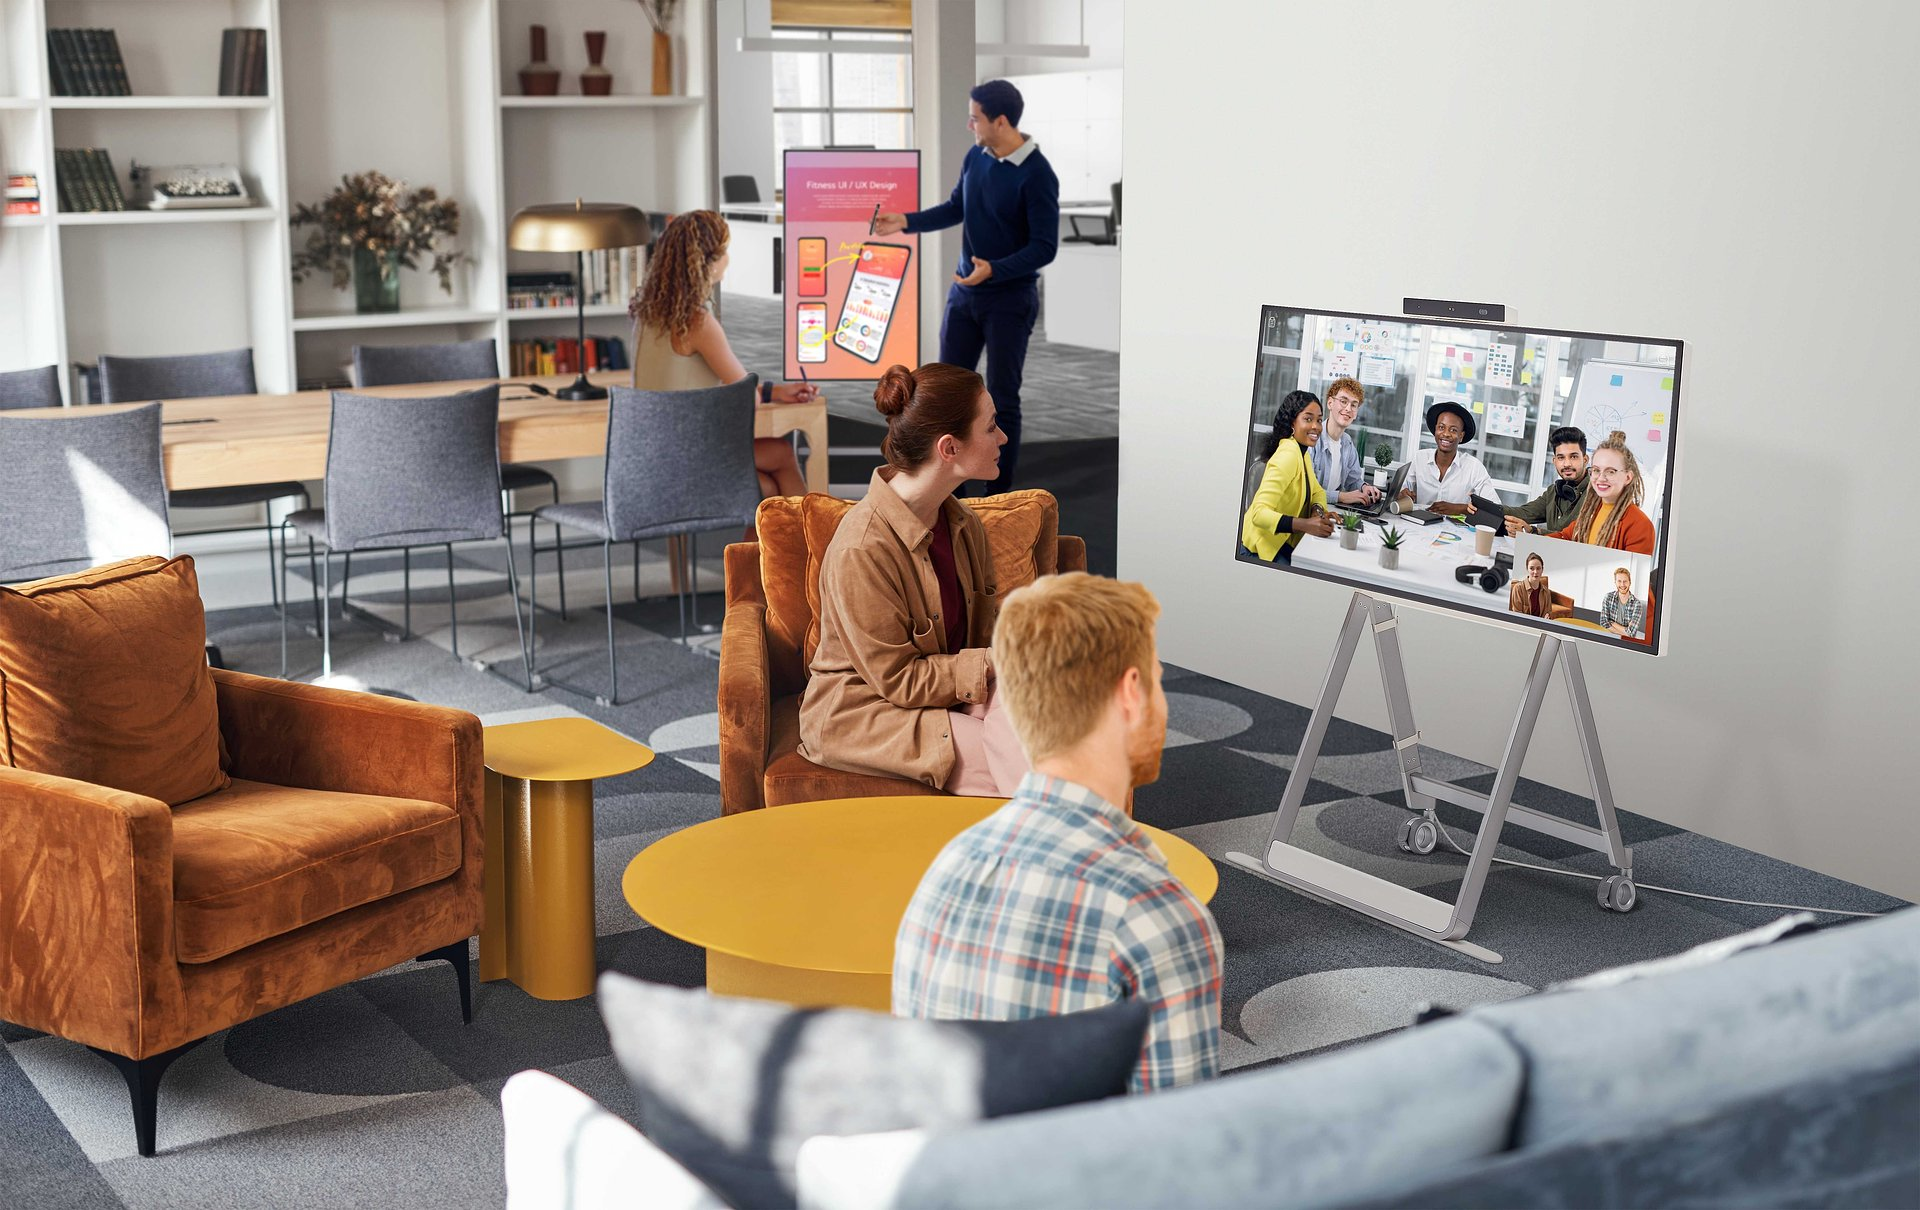 LG One:Quick – innowacyjne rozwiązanie dla wydajnej pracy i efektywnej współpracy